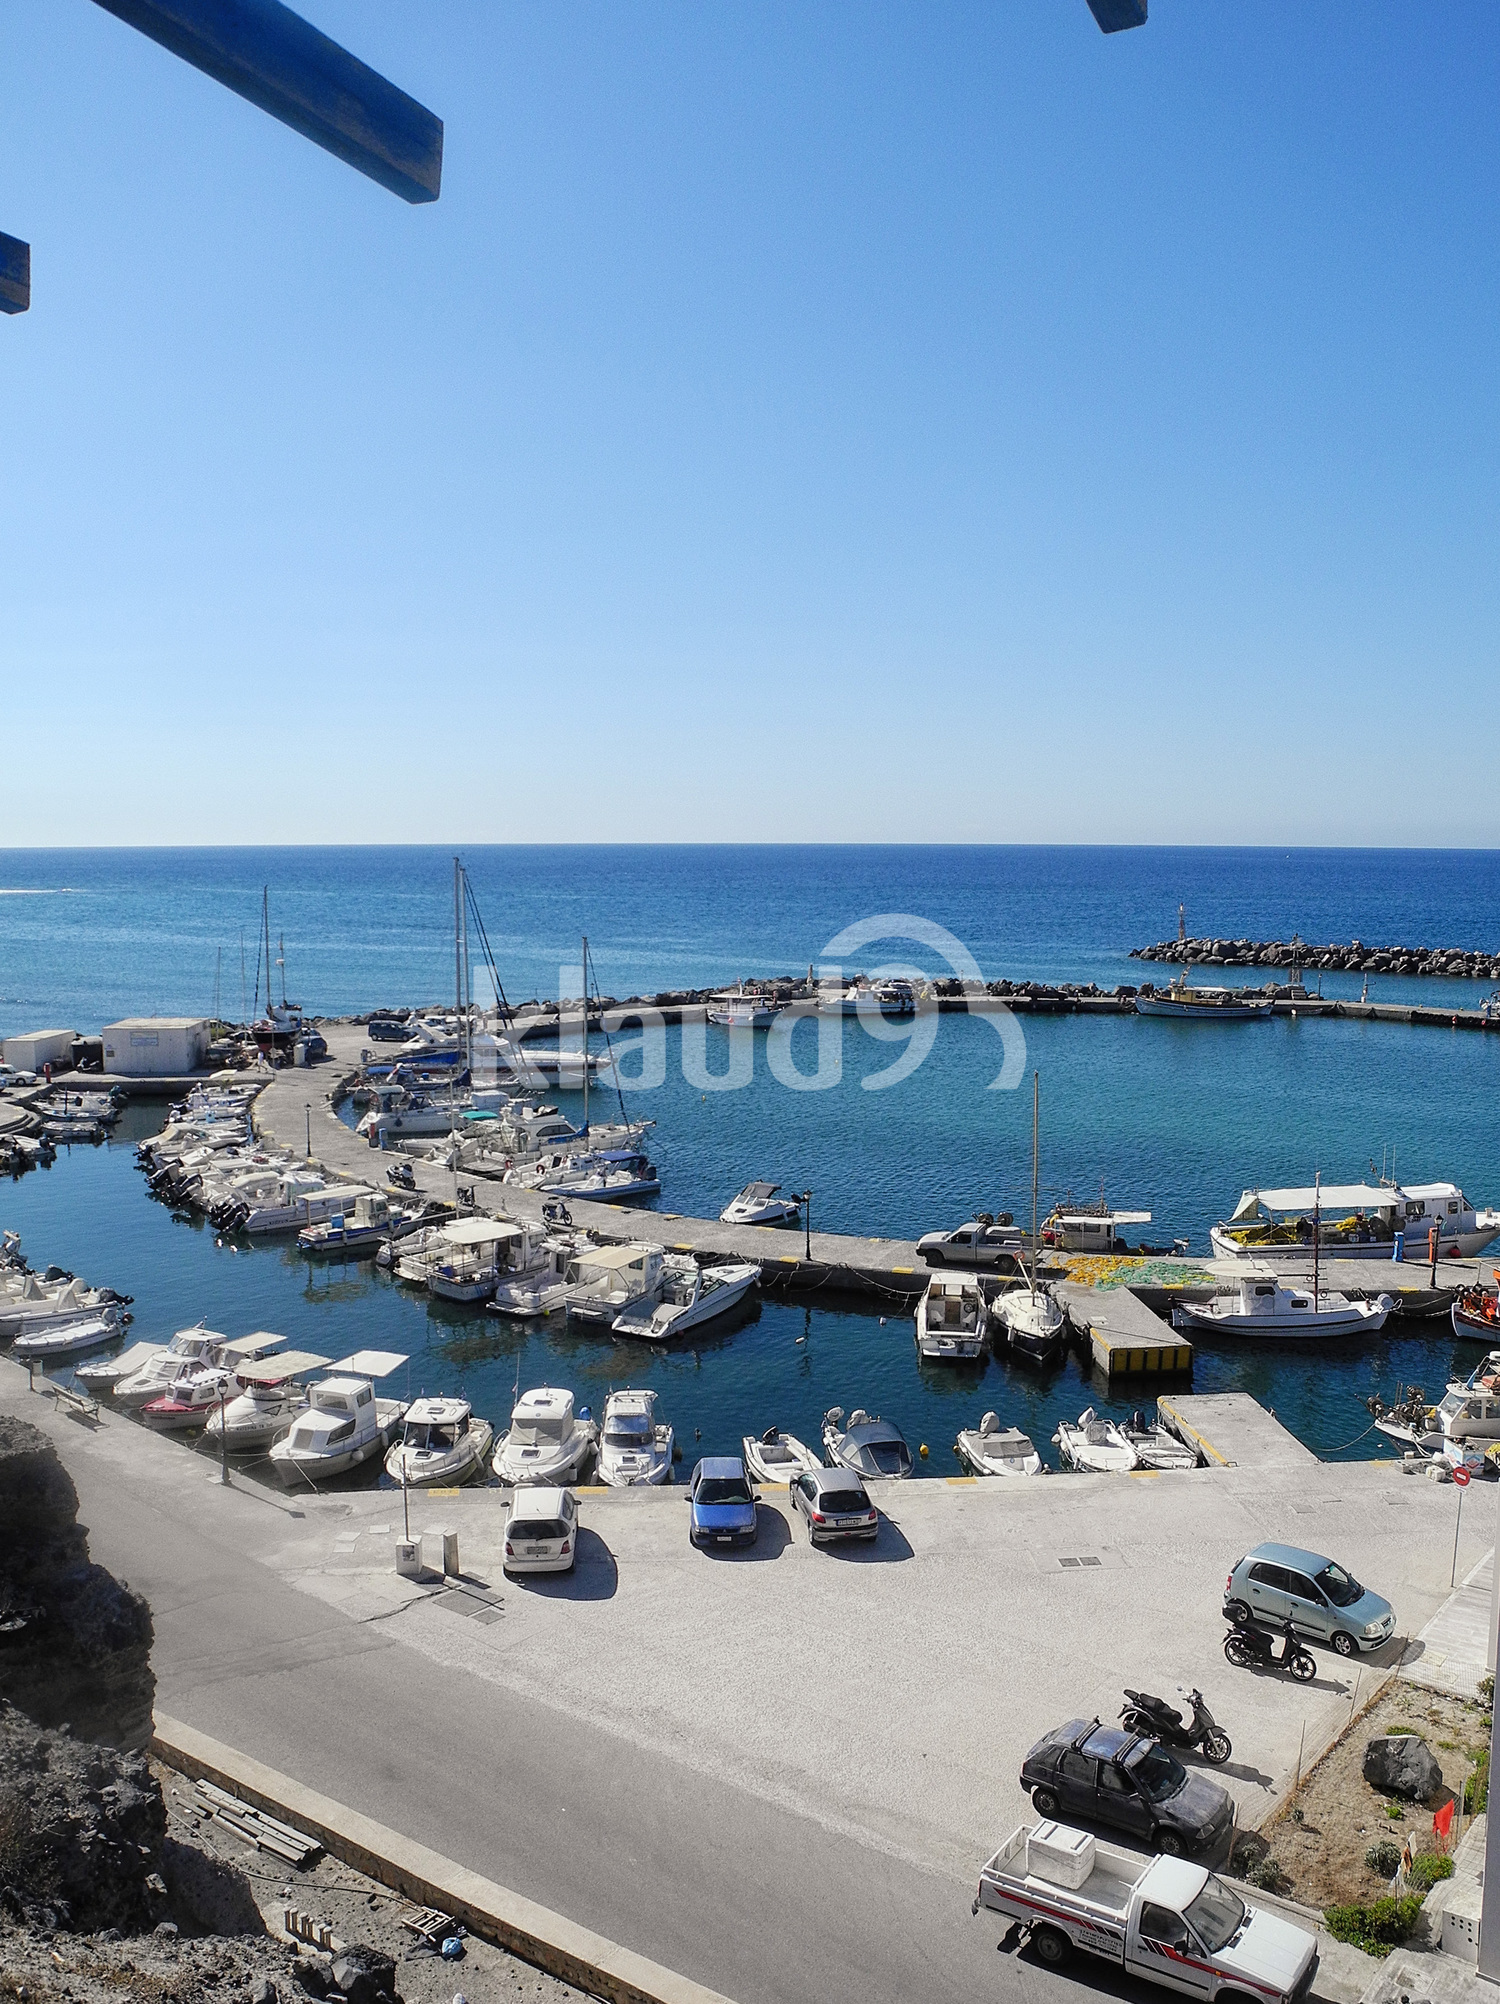 Marina Yacht Greece, Santorini island